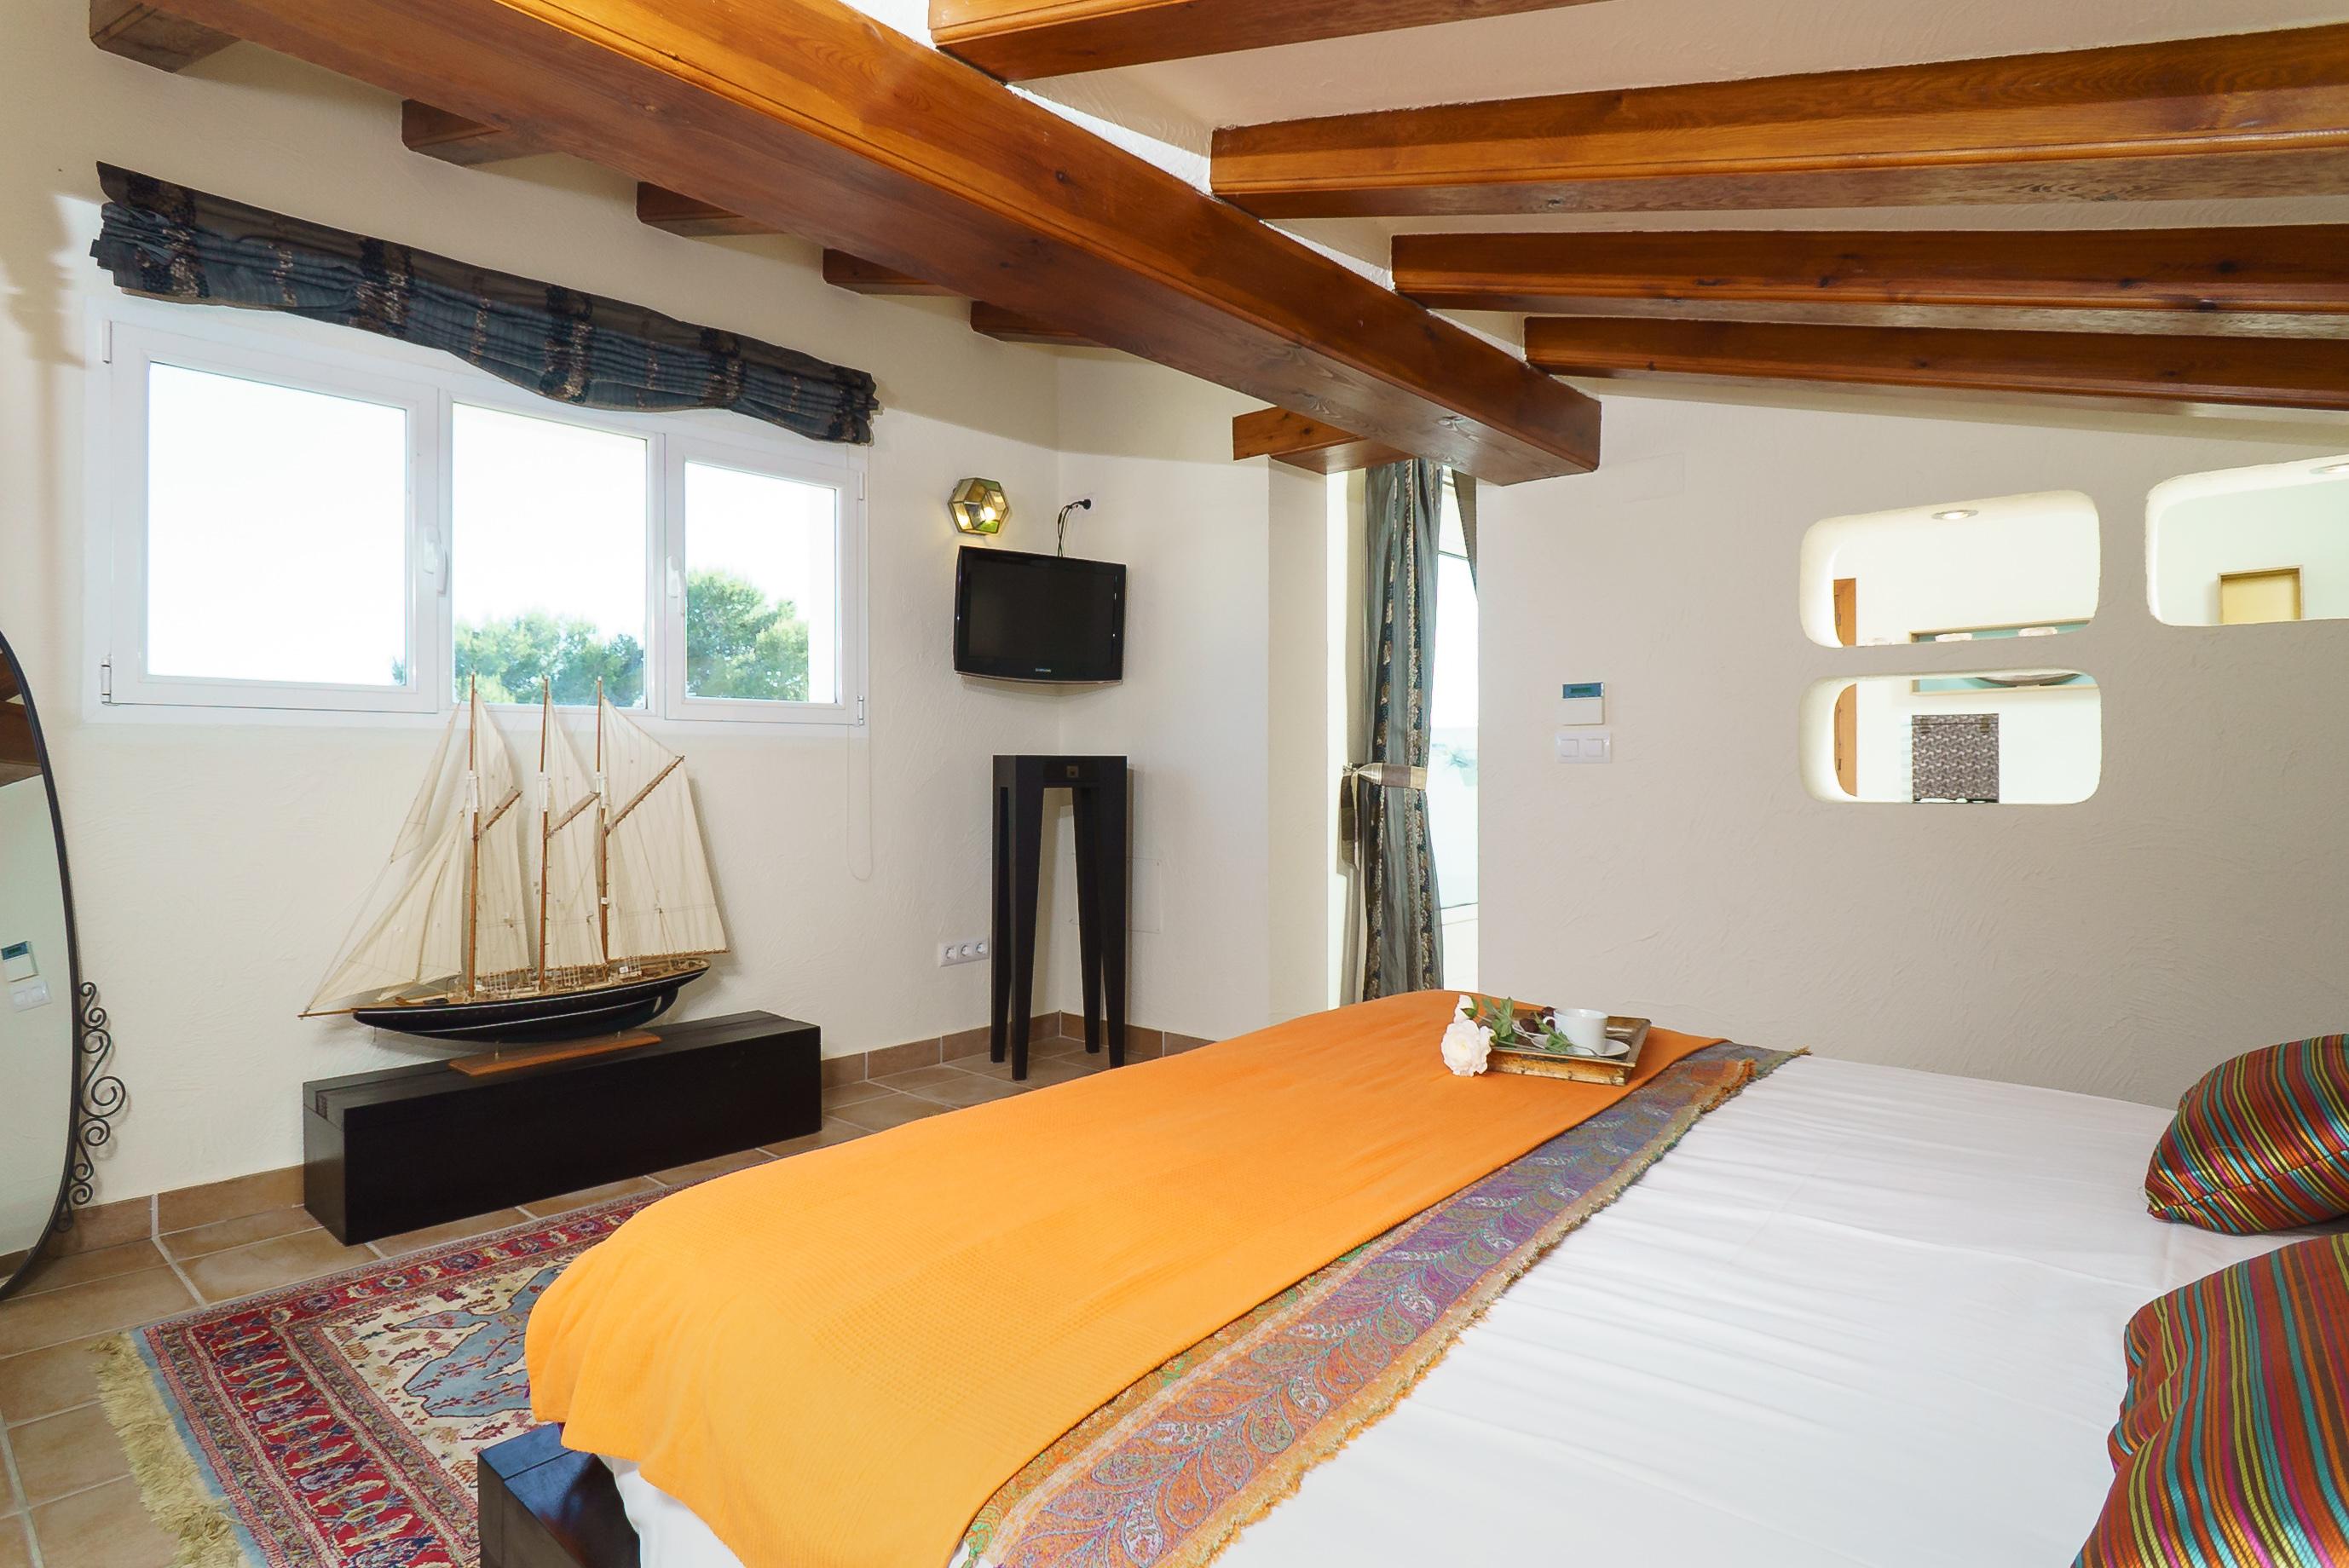 Meuble Salle De Bain Ccl ~ ccl portet ccl salle de bain pour deco salle de bain lgant ccl